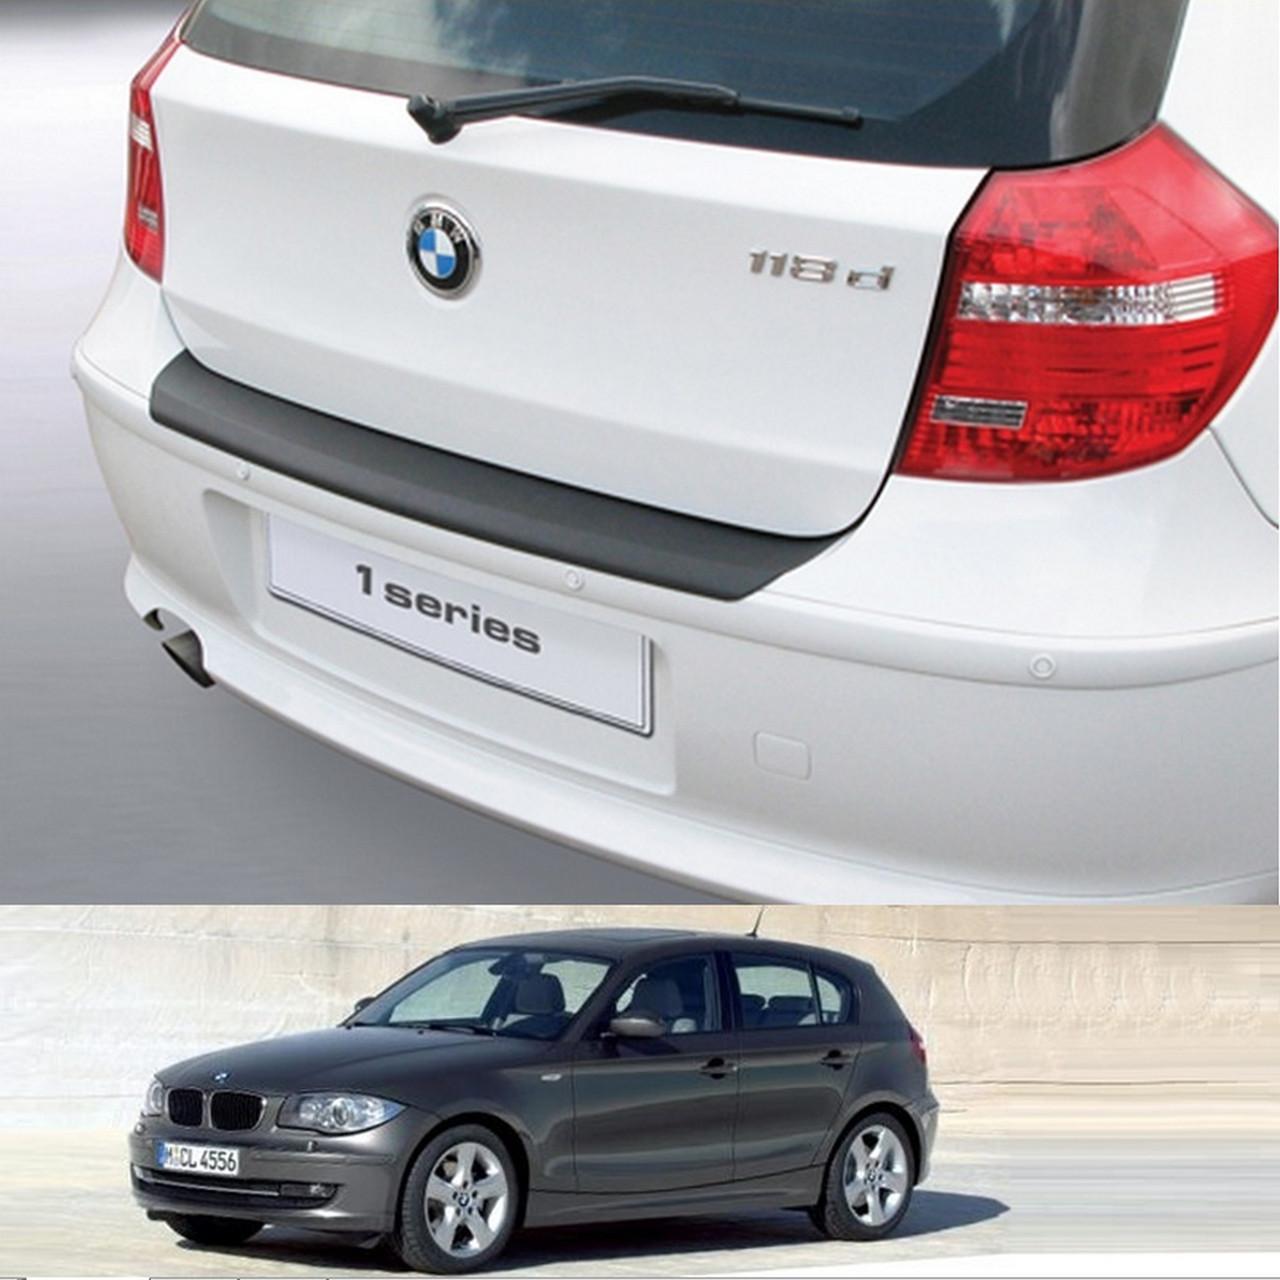 Пластиковая защитная накладка на задний бампер для BMW 1-series E87 3/5dr 2007-2011